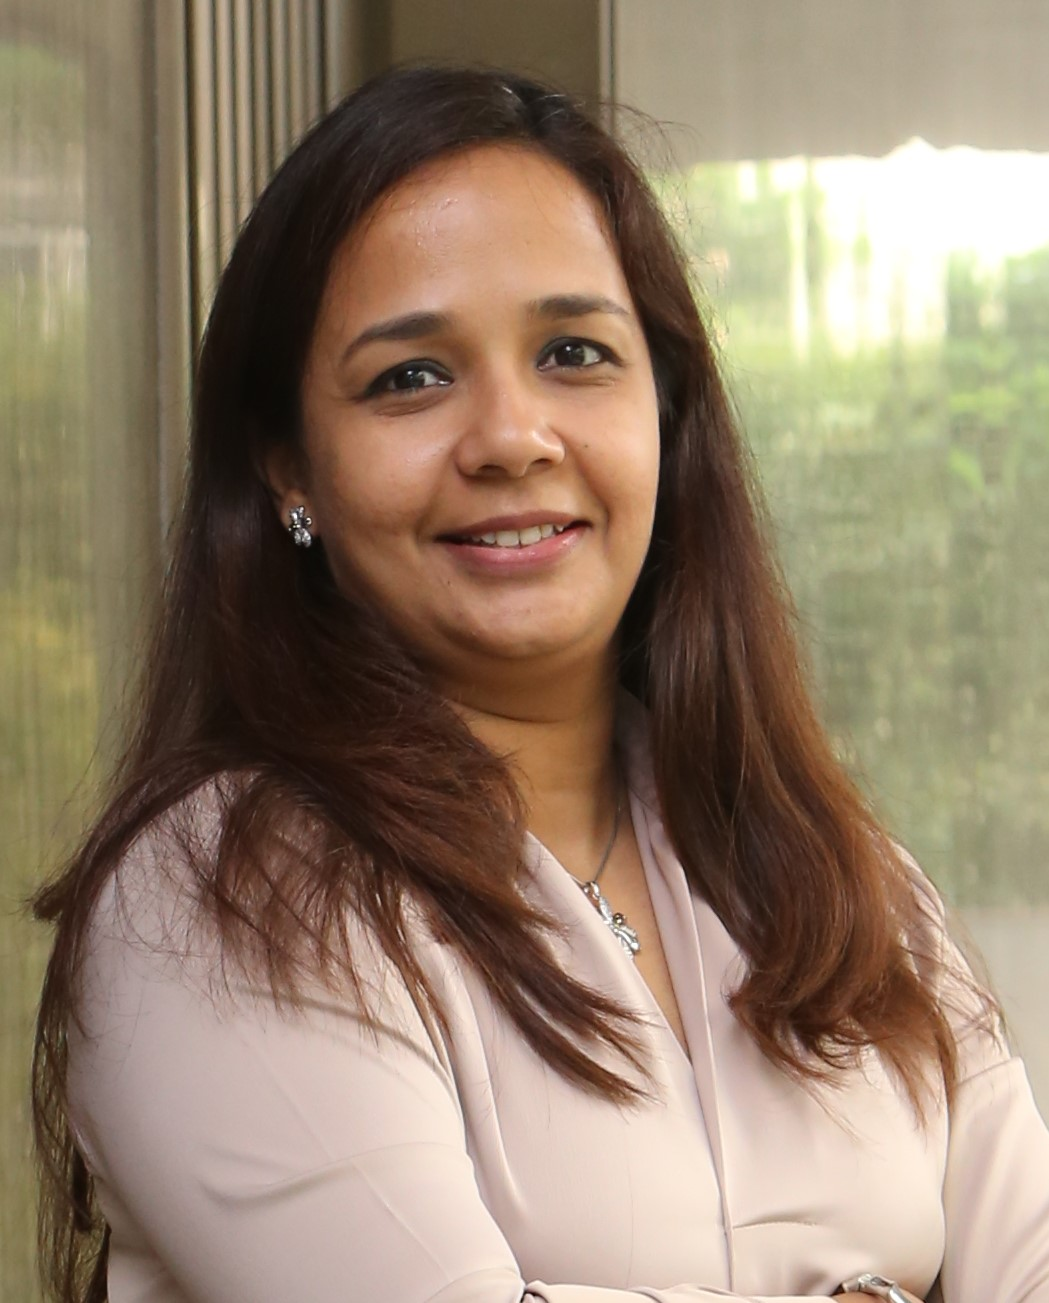 Anubhuti Mathur